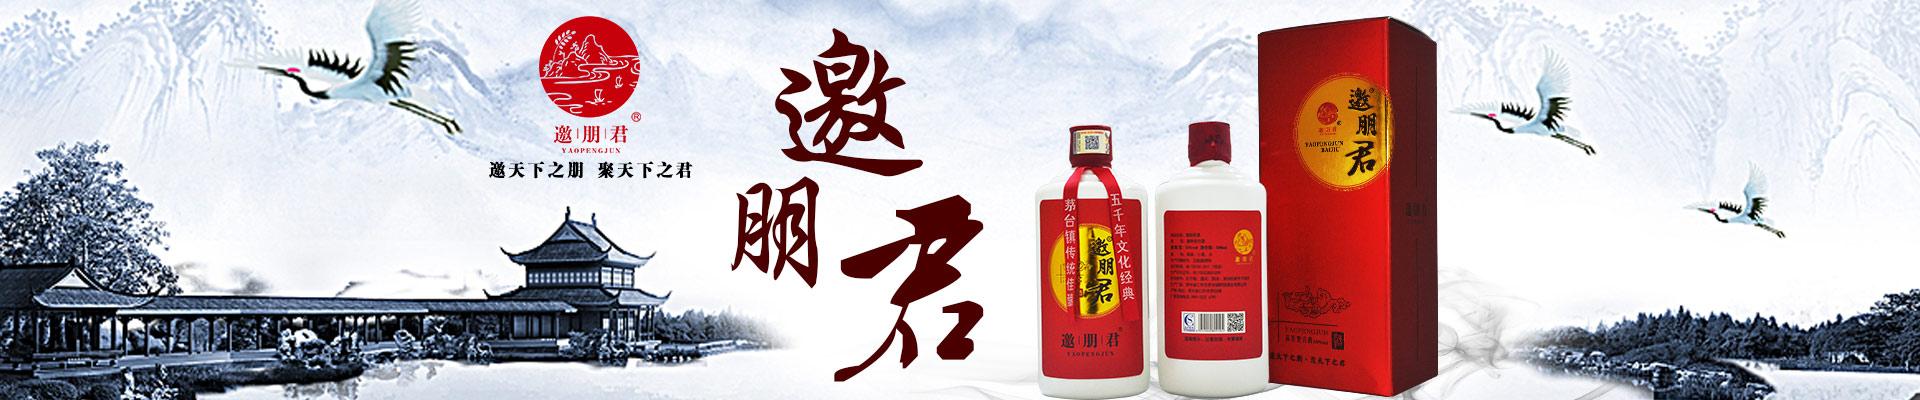 中黔酒业集团